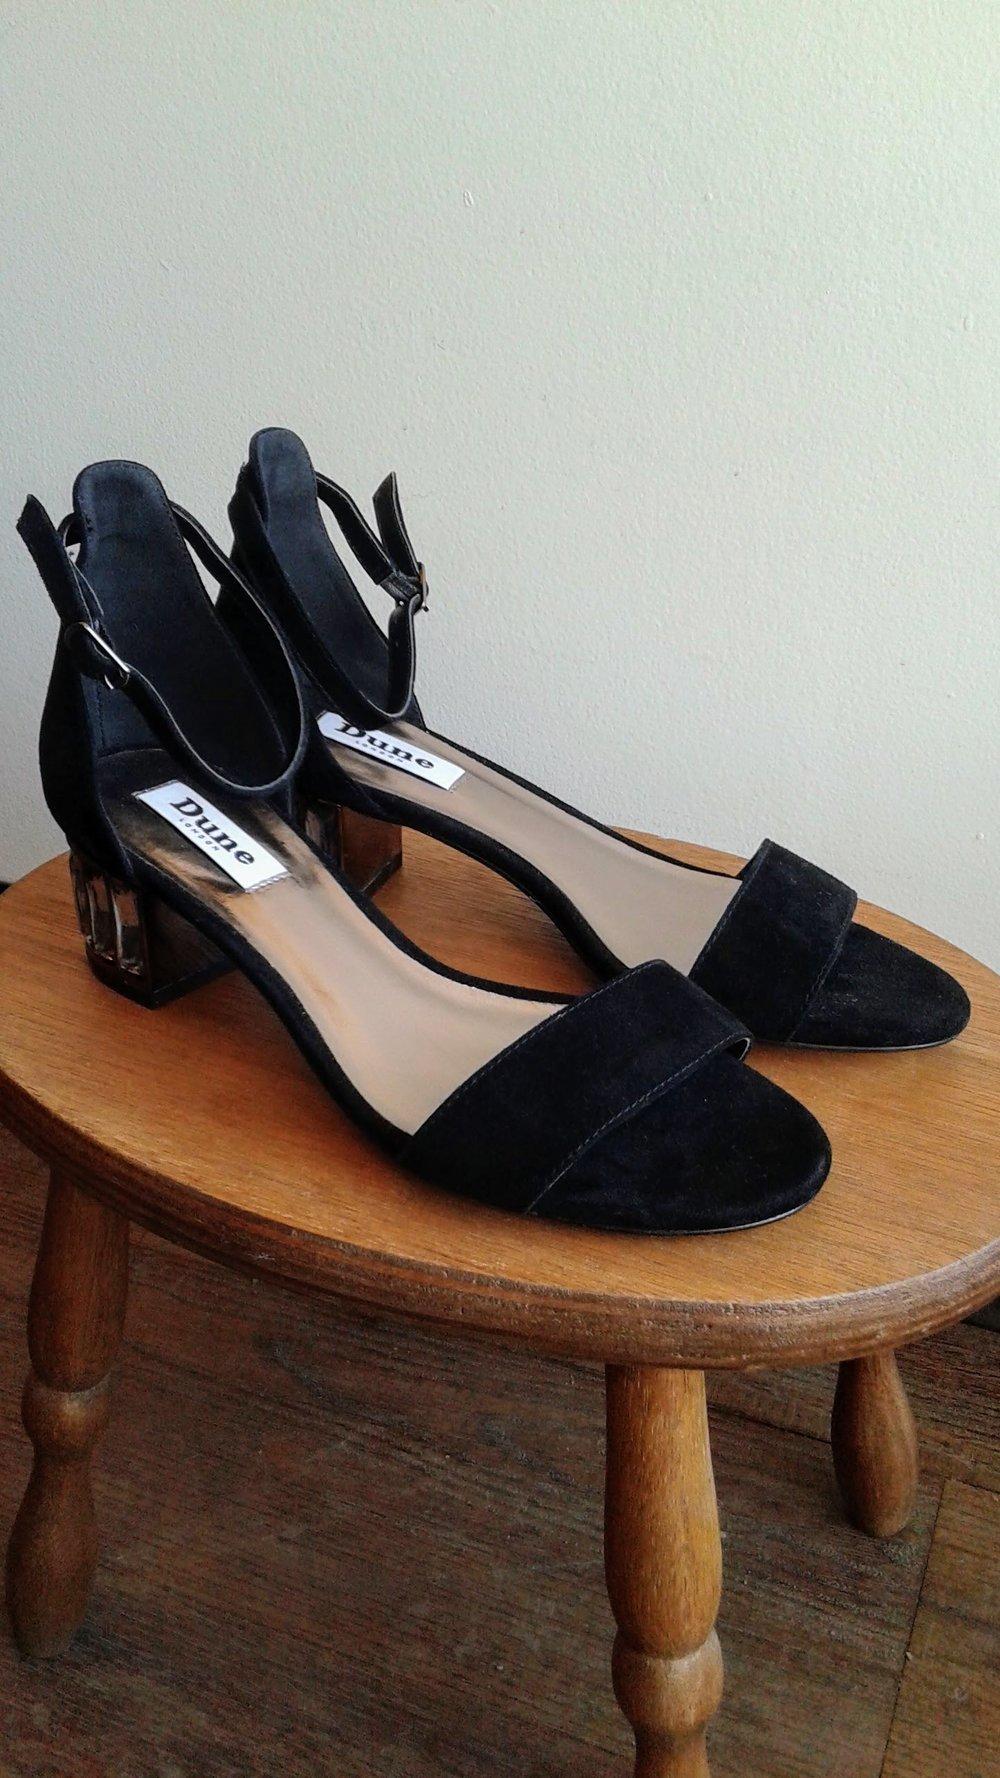 Dune London  sandals; S6, $30